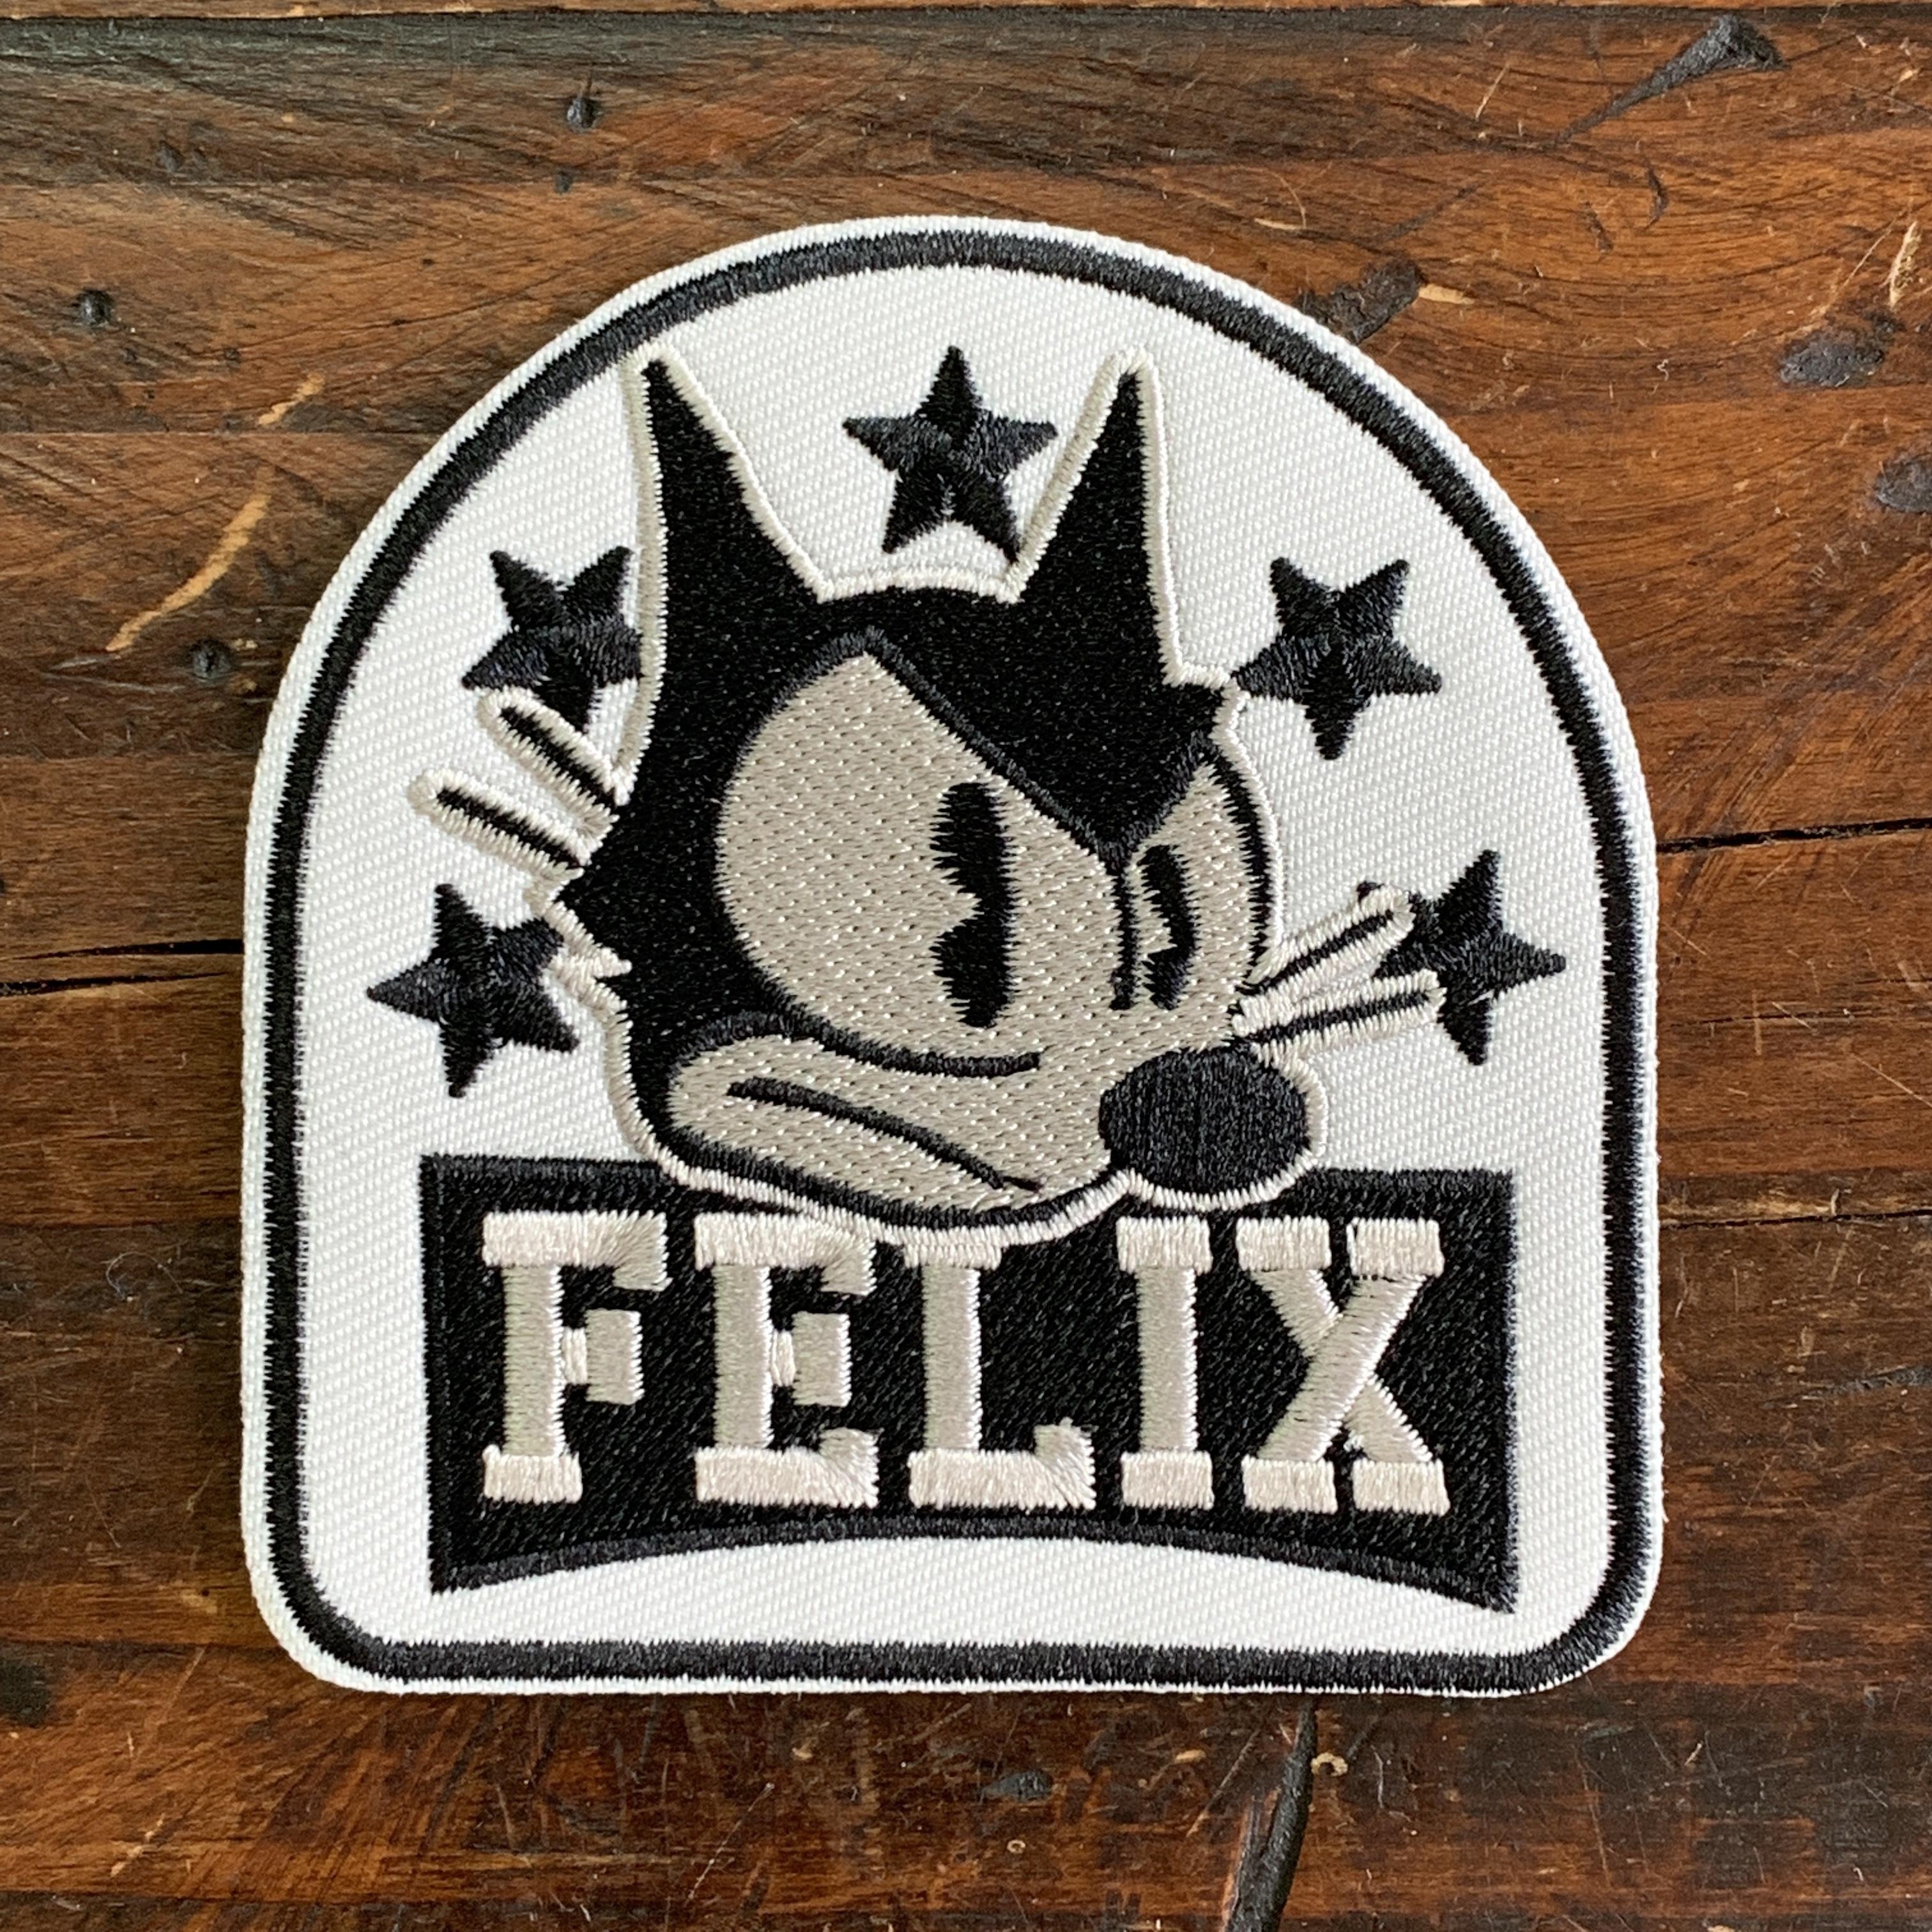 [FELIX]フィリックス 刺繍ワッペン・パッチ・アイロン糊付き・クラシック(B)スター